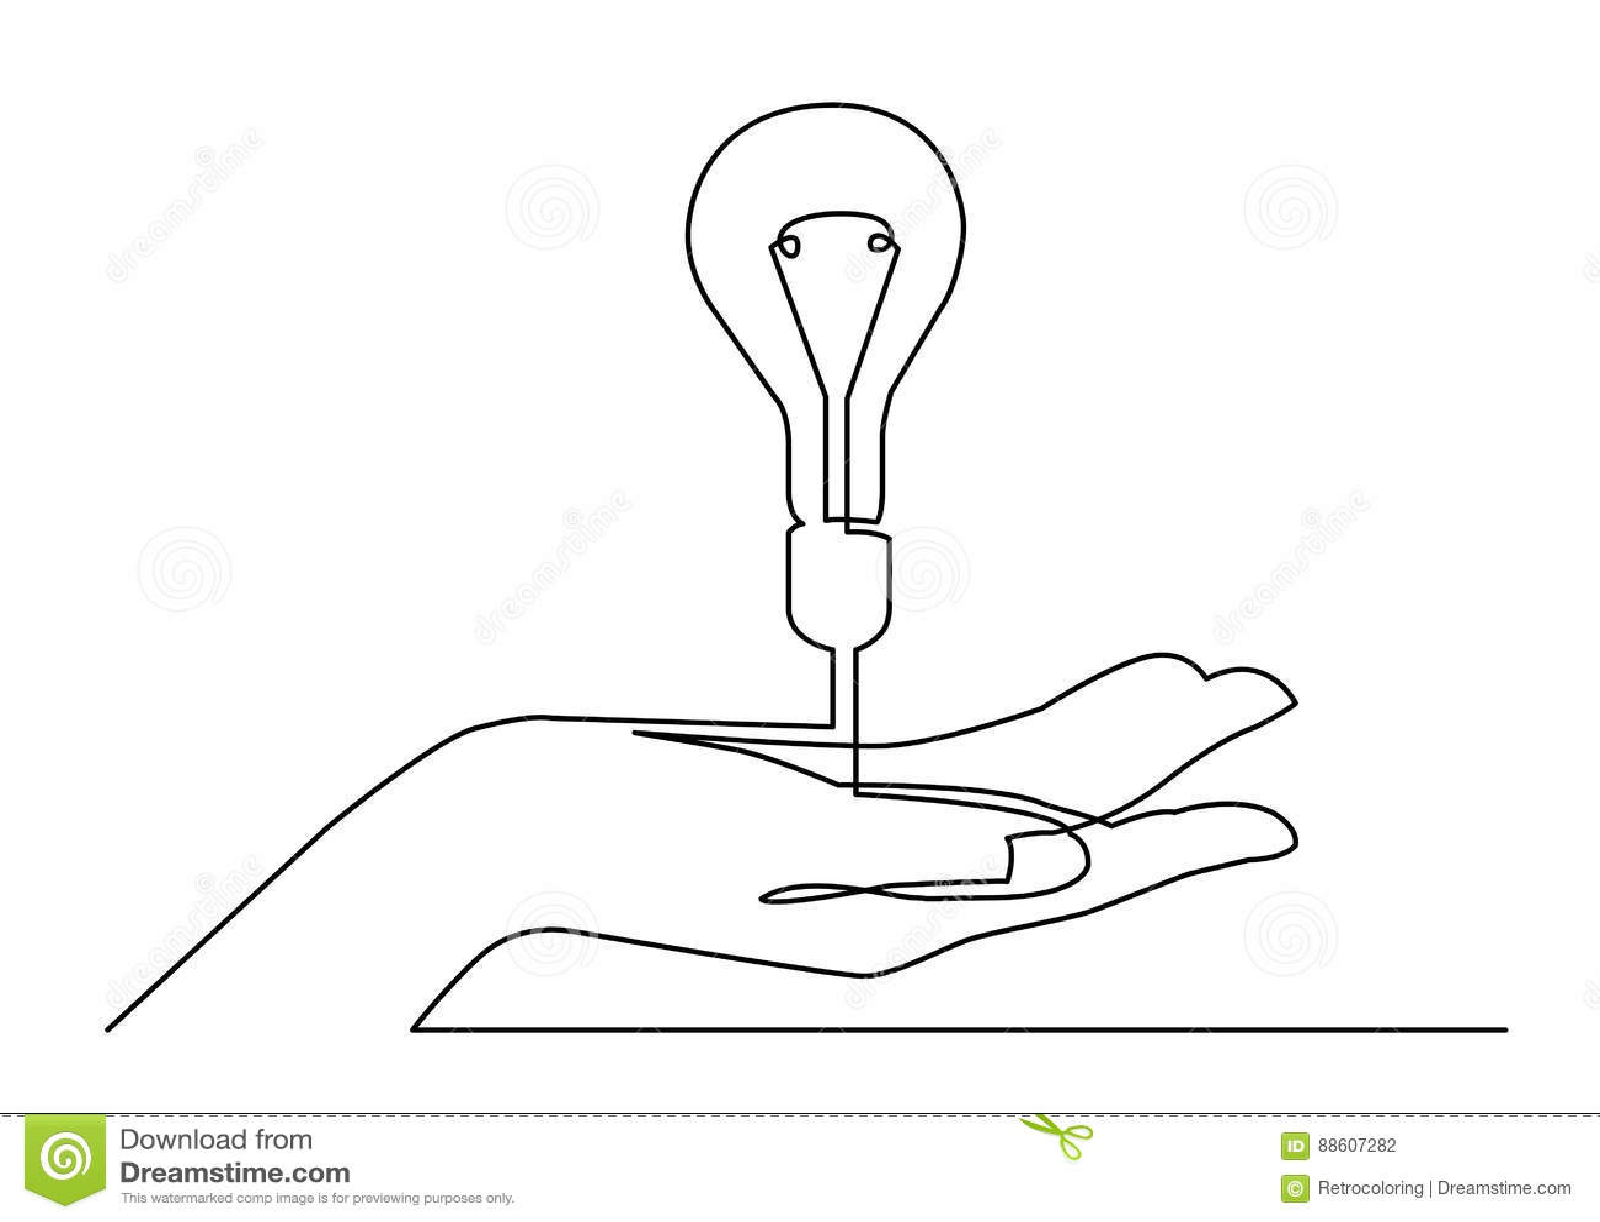 Fortlöpande linje teckning av handen som visar metap för ljus kula eller idé